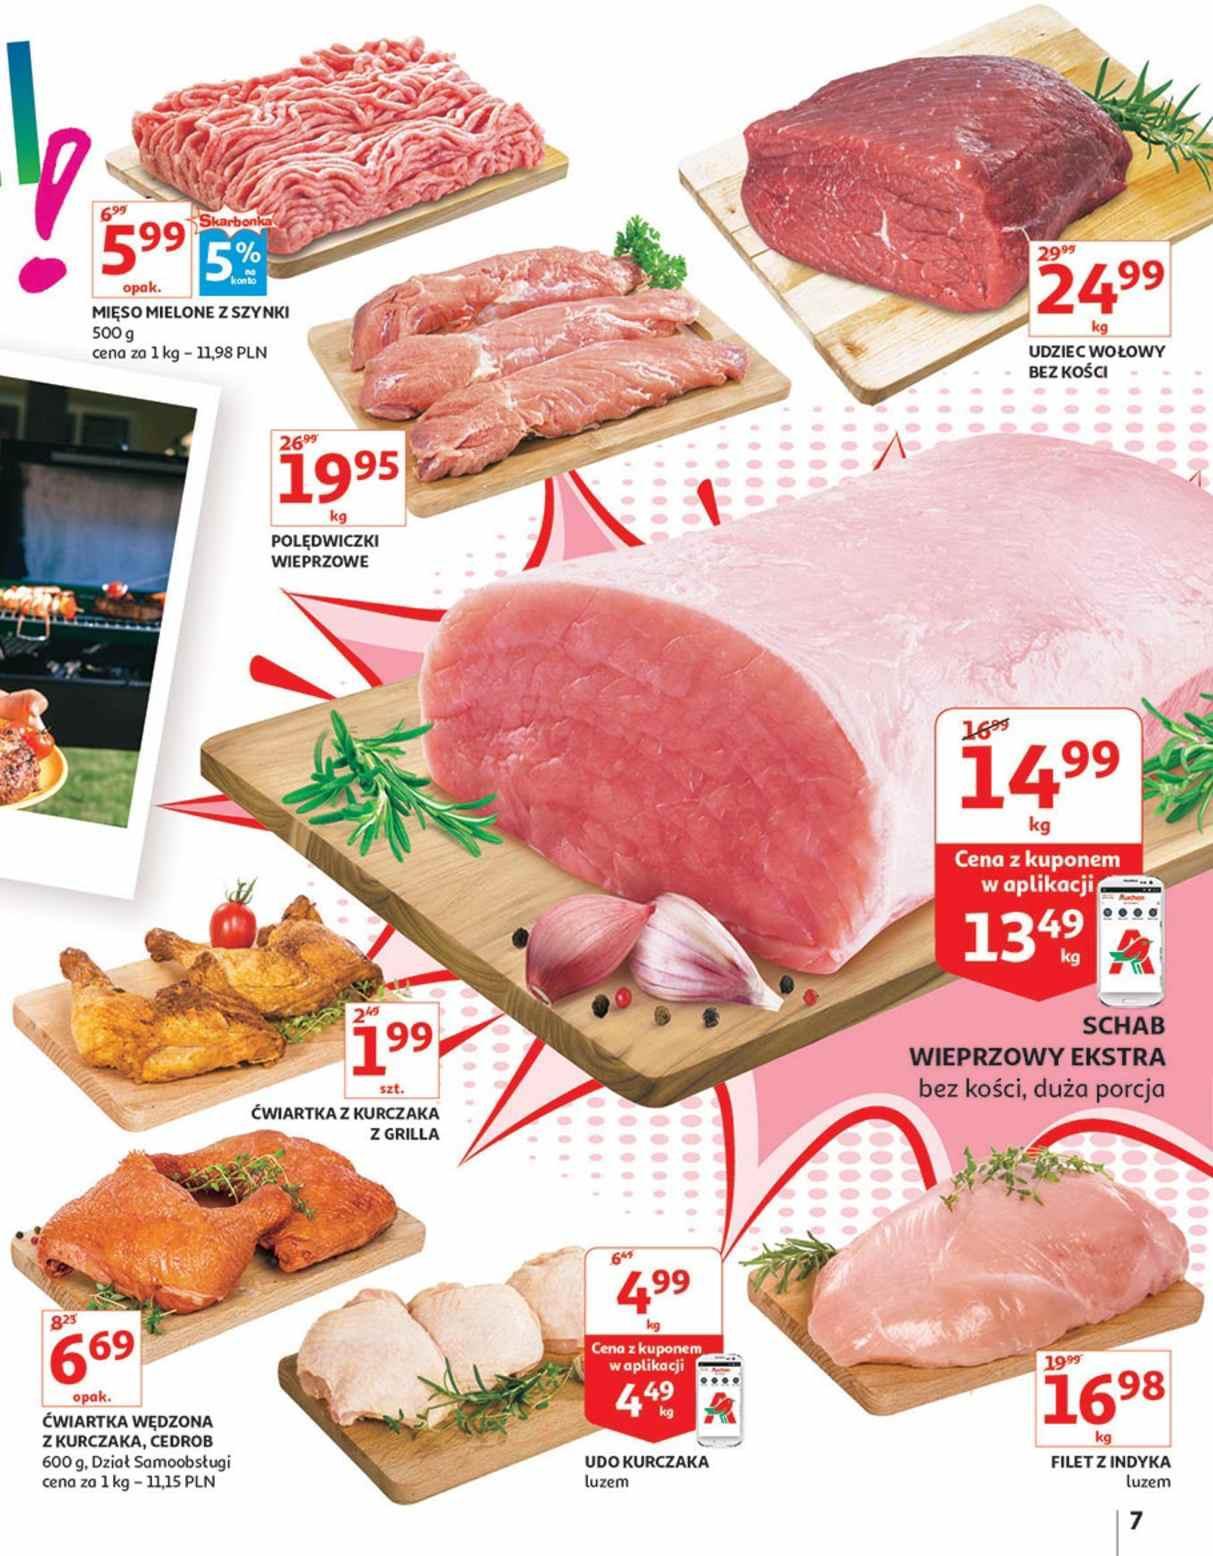 Gazetka promocyjna Auchan do 08/08/2018 str.7